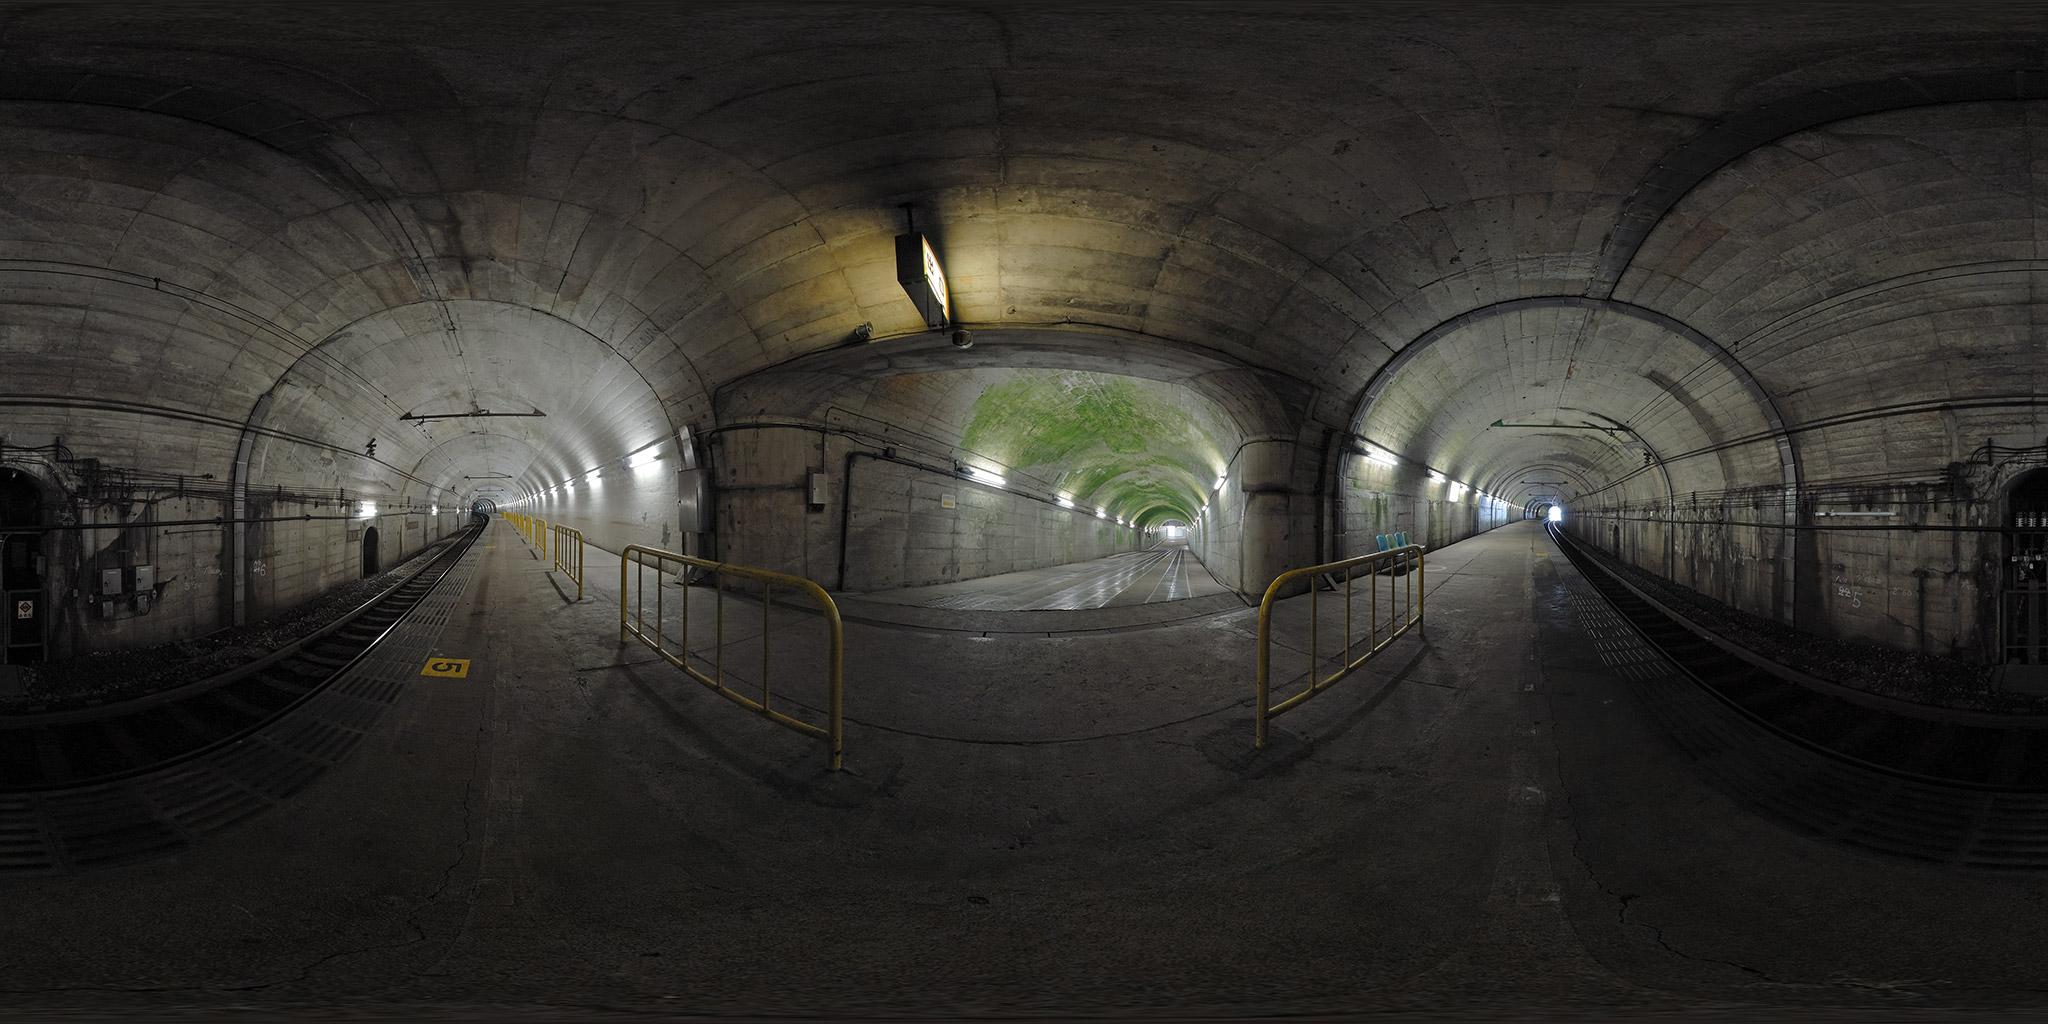 湯檜曽駅下りホーム